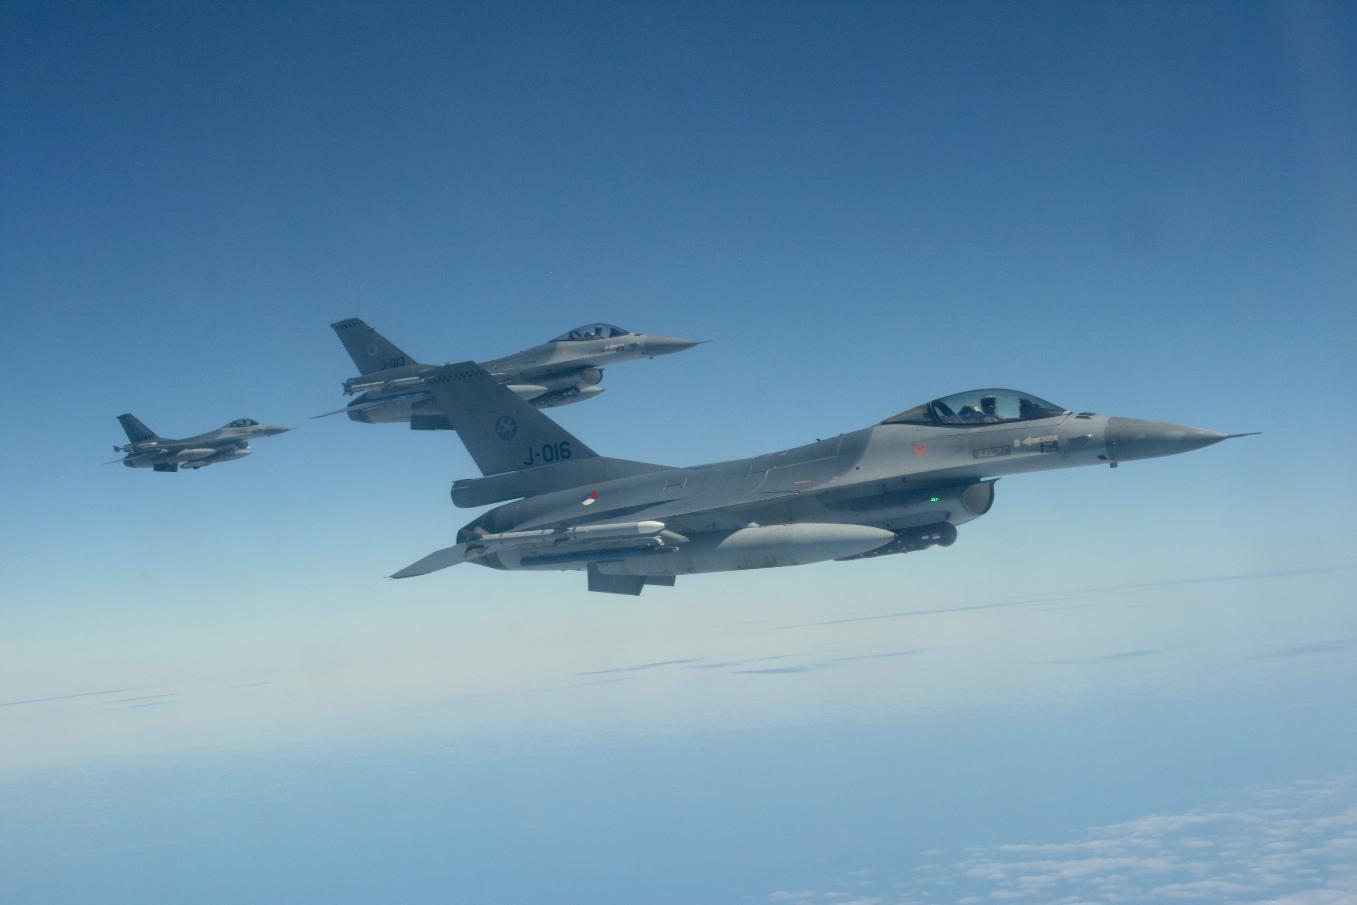 La Turquie veut acheter 40 chasseurs F-16 et en moderniser 80 autres